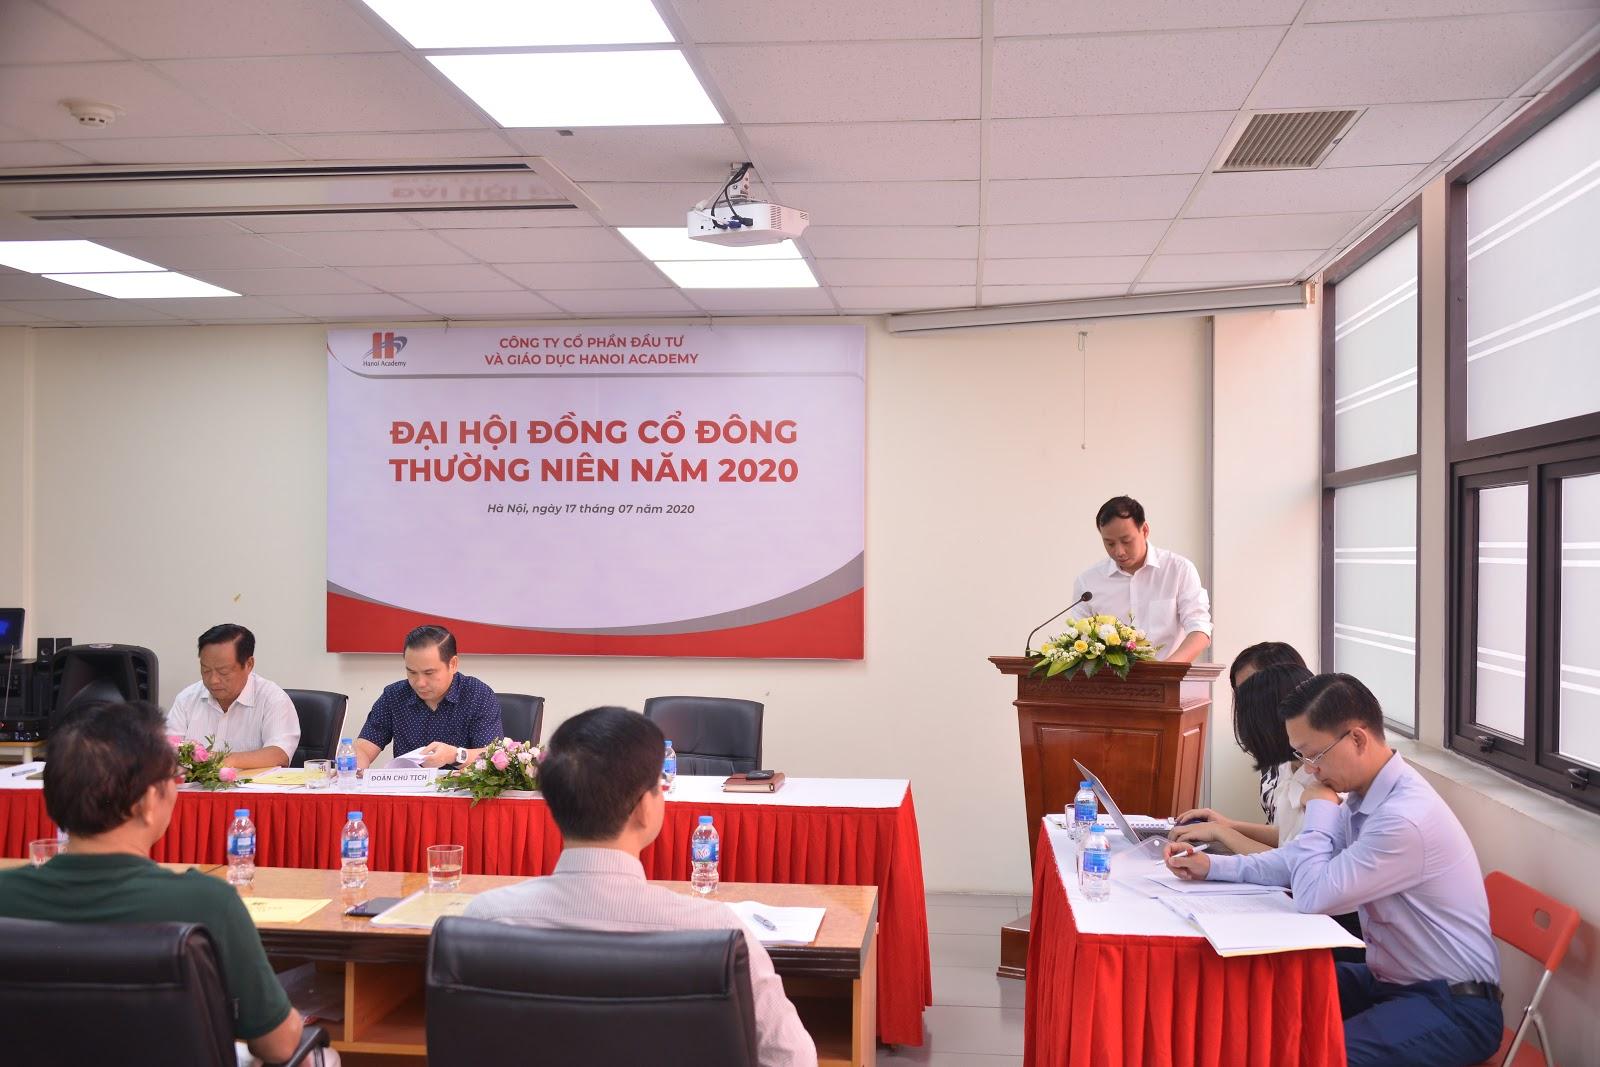 Hanoi Academy tổ chức Đại hội đồng cổ đông thường niên năm 2020 Hanoi Academy tổ chức thành công Đại hội đồng cổ đông thường niên năm 2020